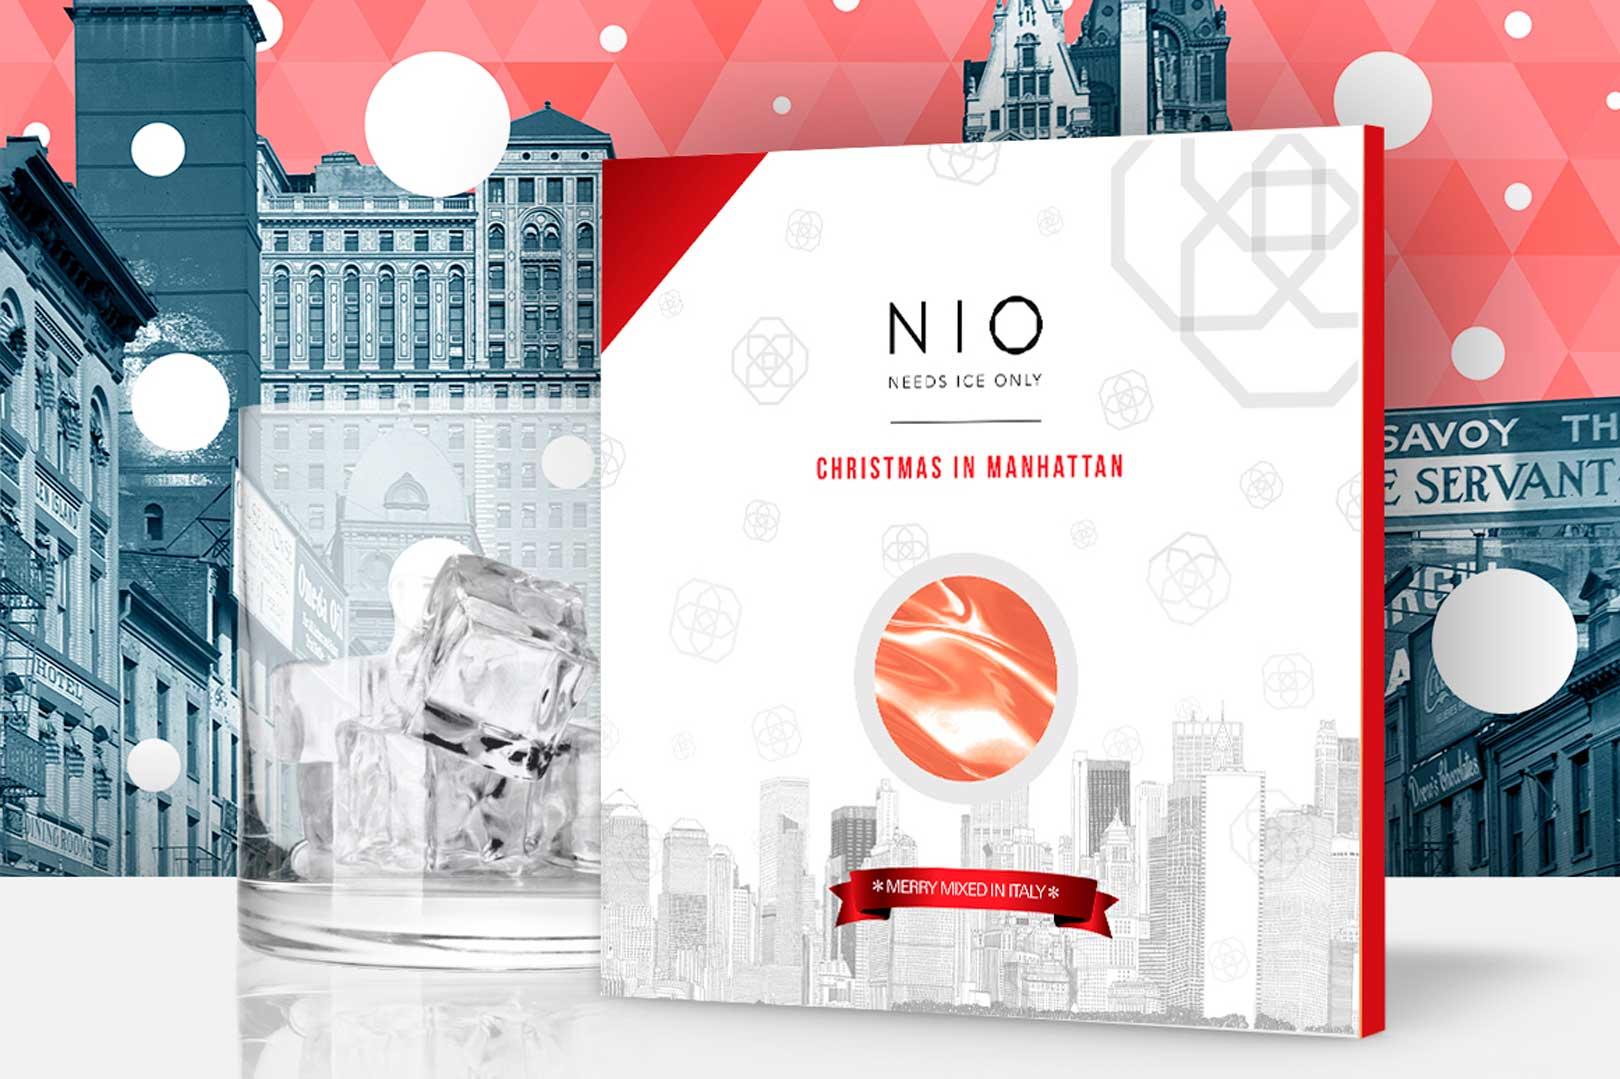 Nio Needs Ice Only - Milano